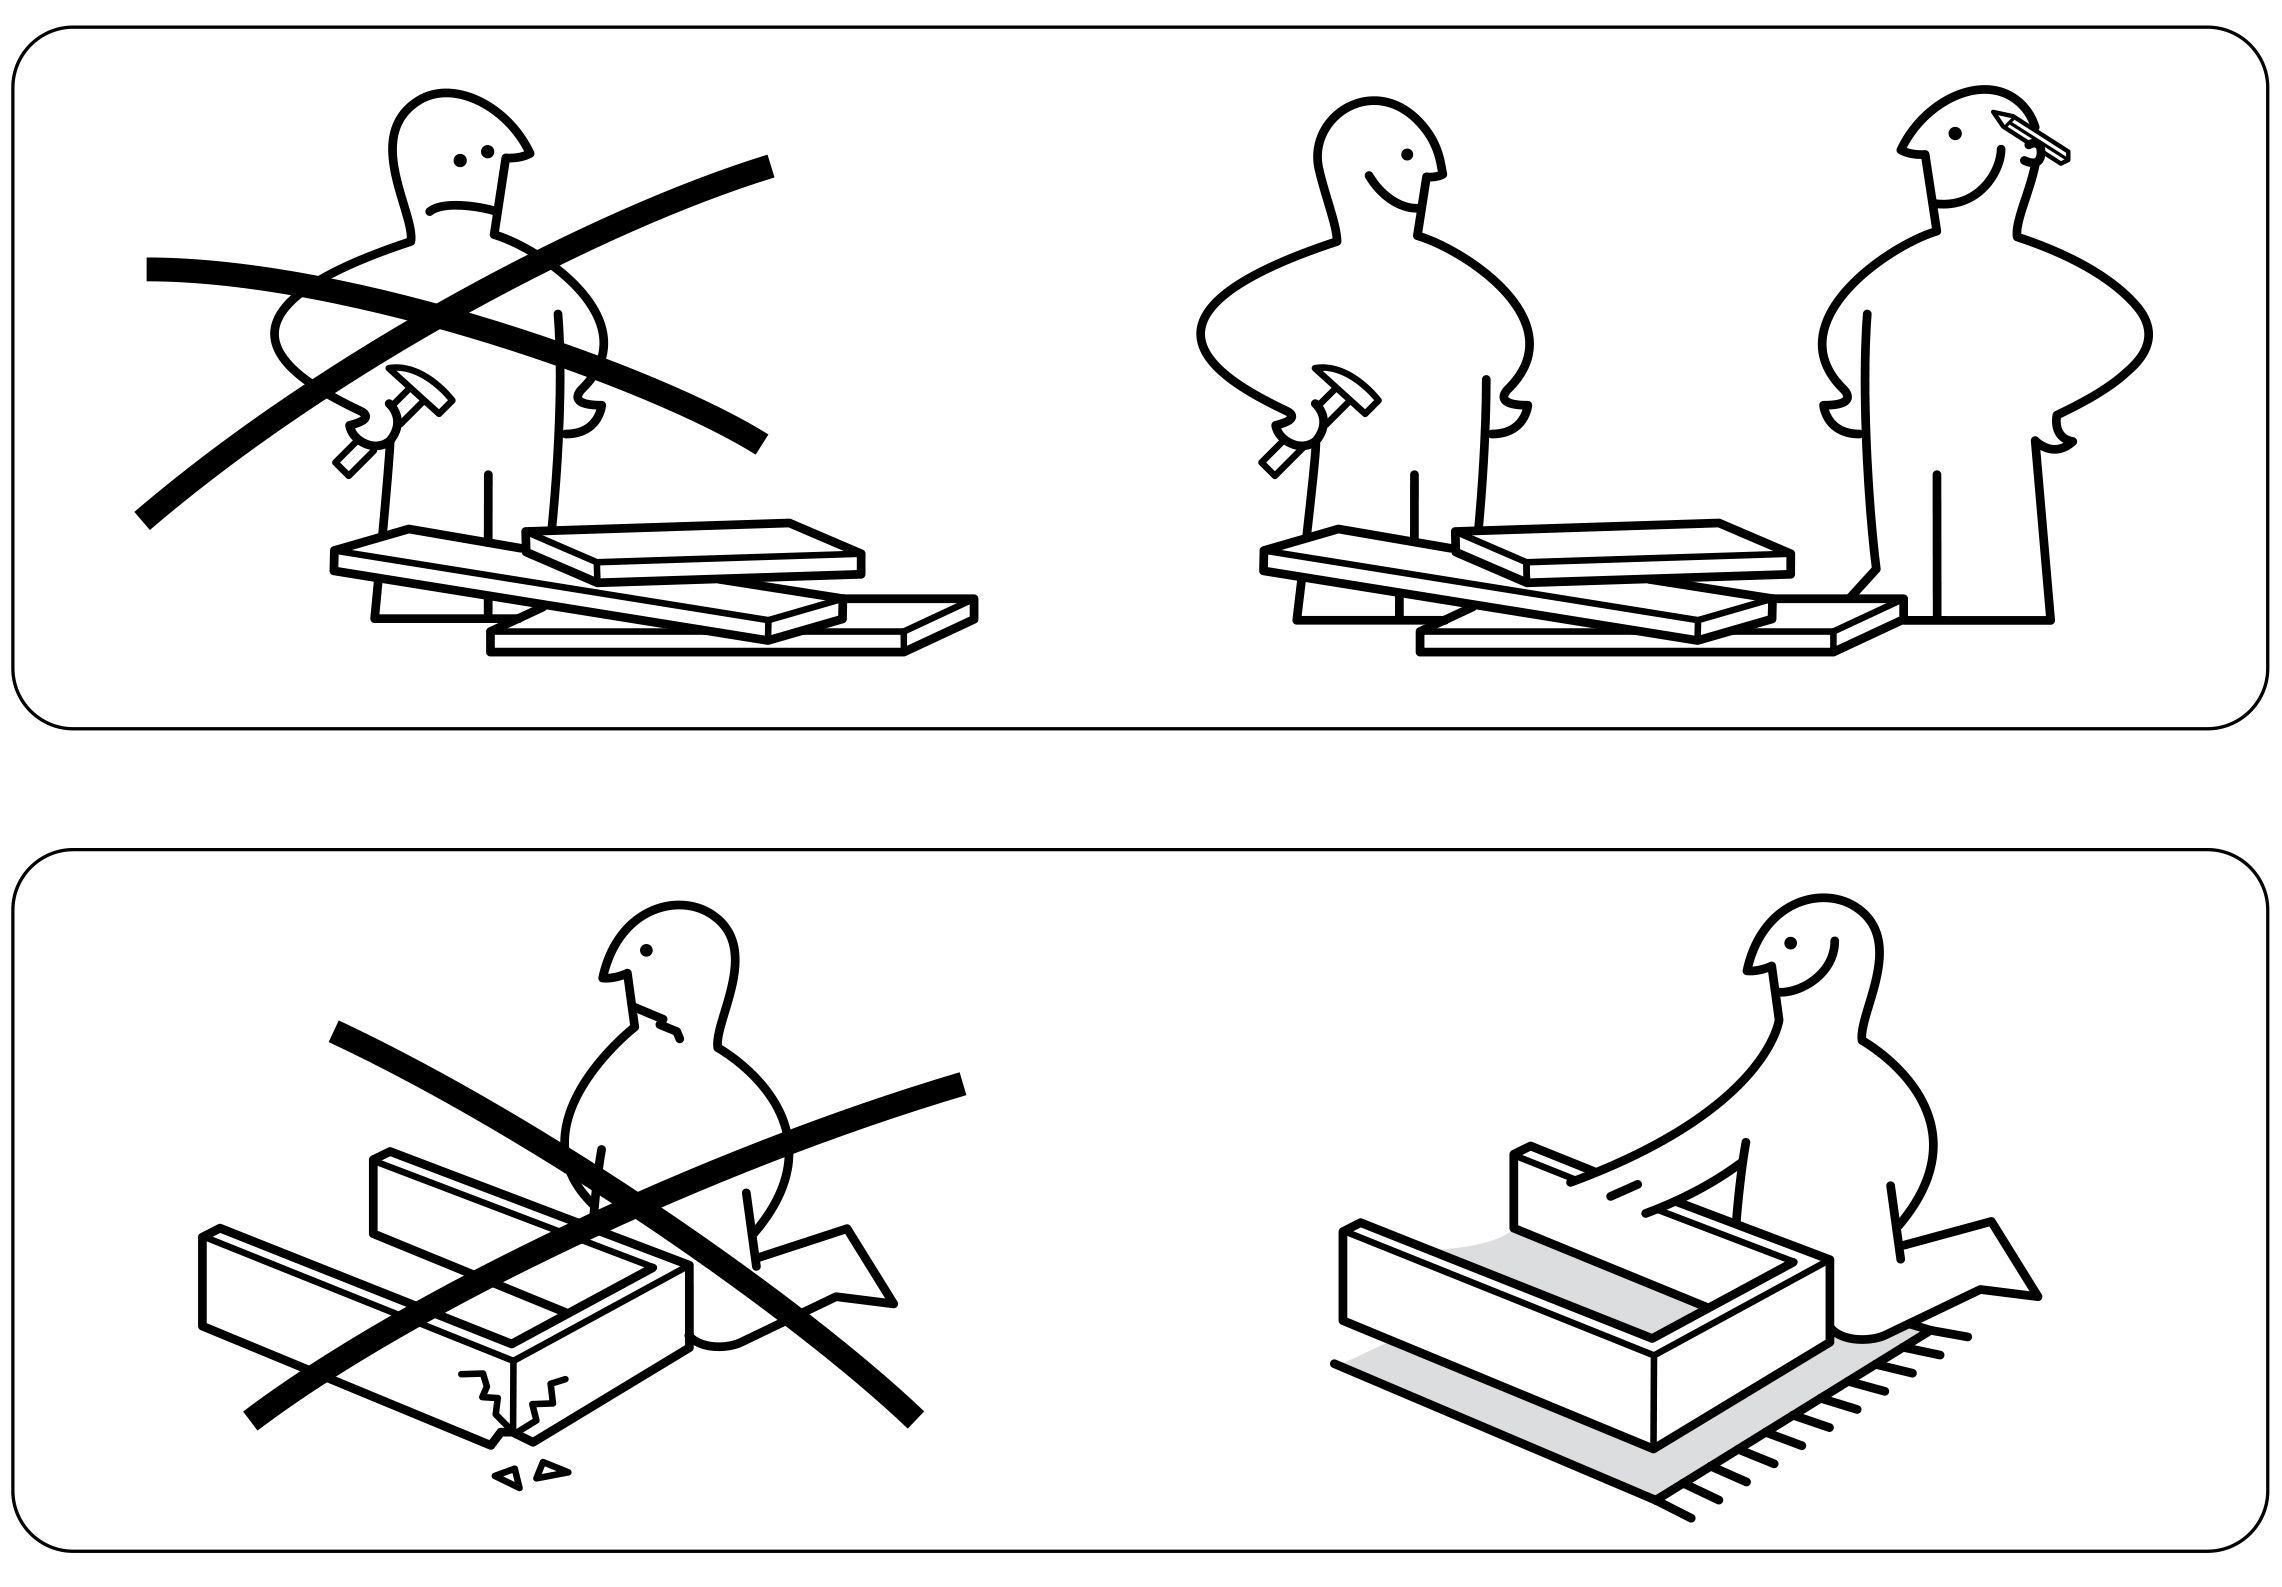 Dovremo dire addio alle mitiche istruzioni Ikea?